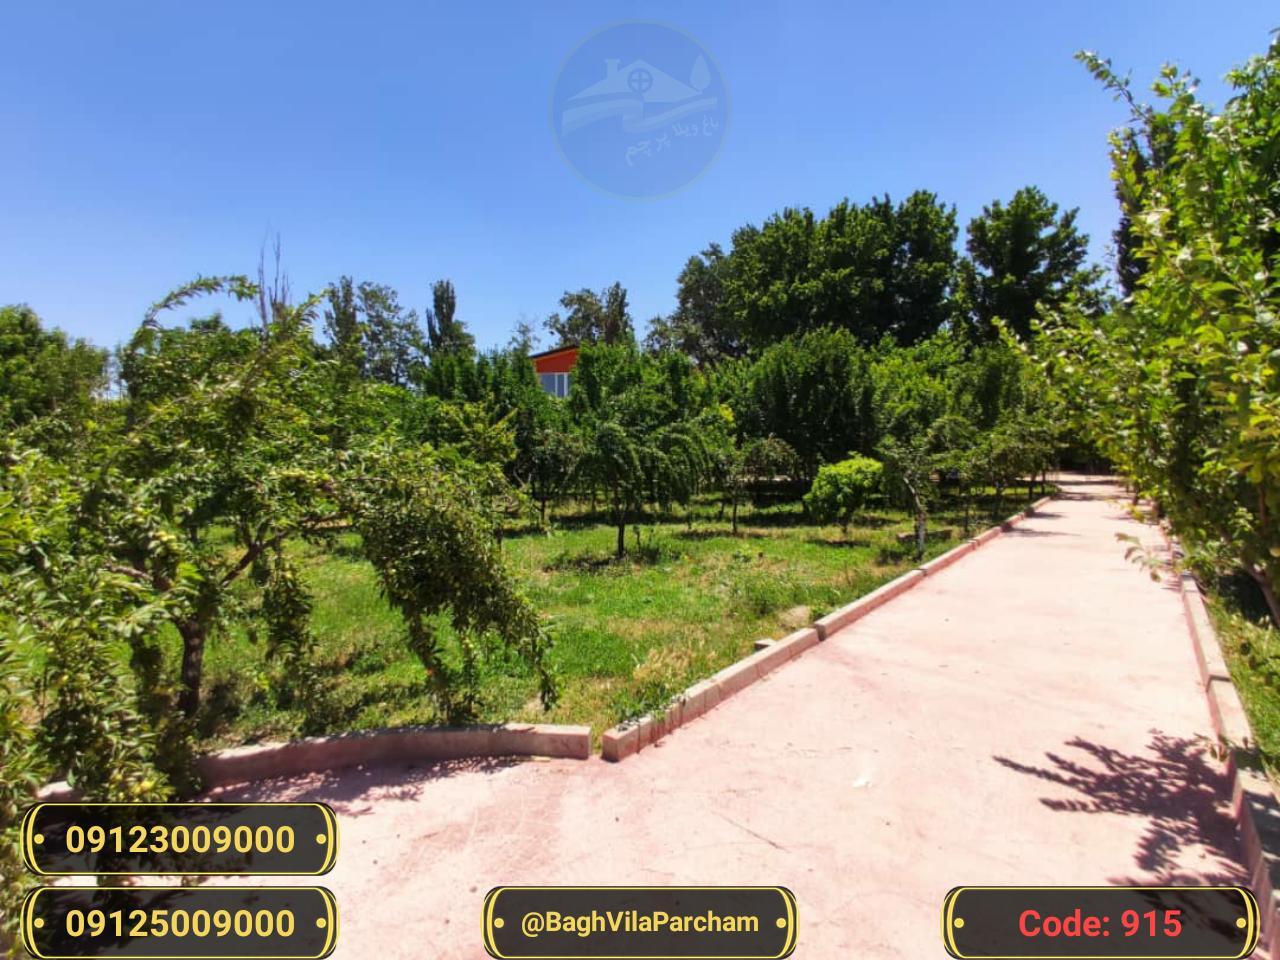 تصویر عکس باغ ویلا شماره 3 از ویلای ۵۶۵۰ متر ویلا کلاسیک تریبلکس Picture photo image 3 of ۵۶۵۰ متر ویلا کلاسیک تریبلکس